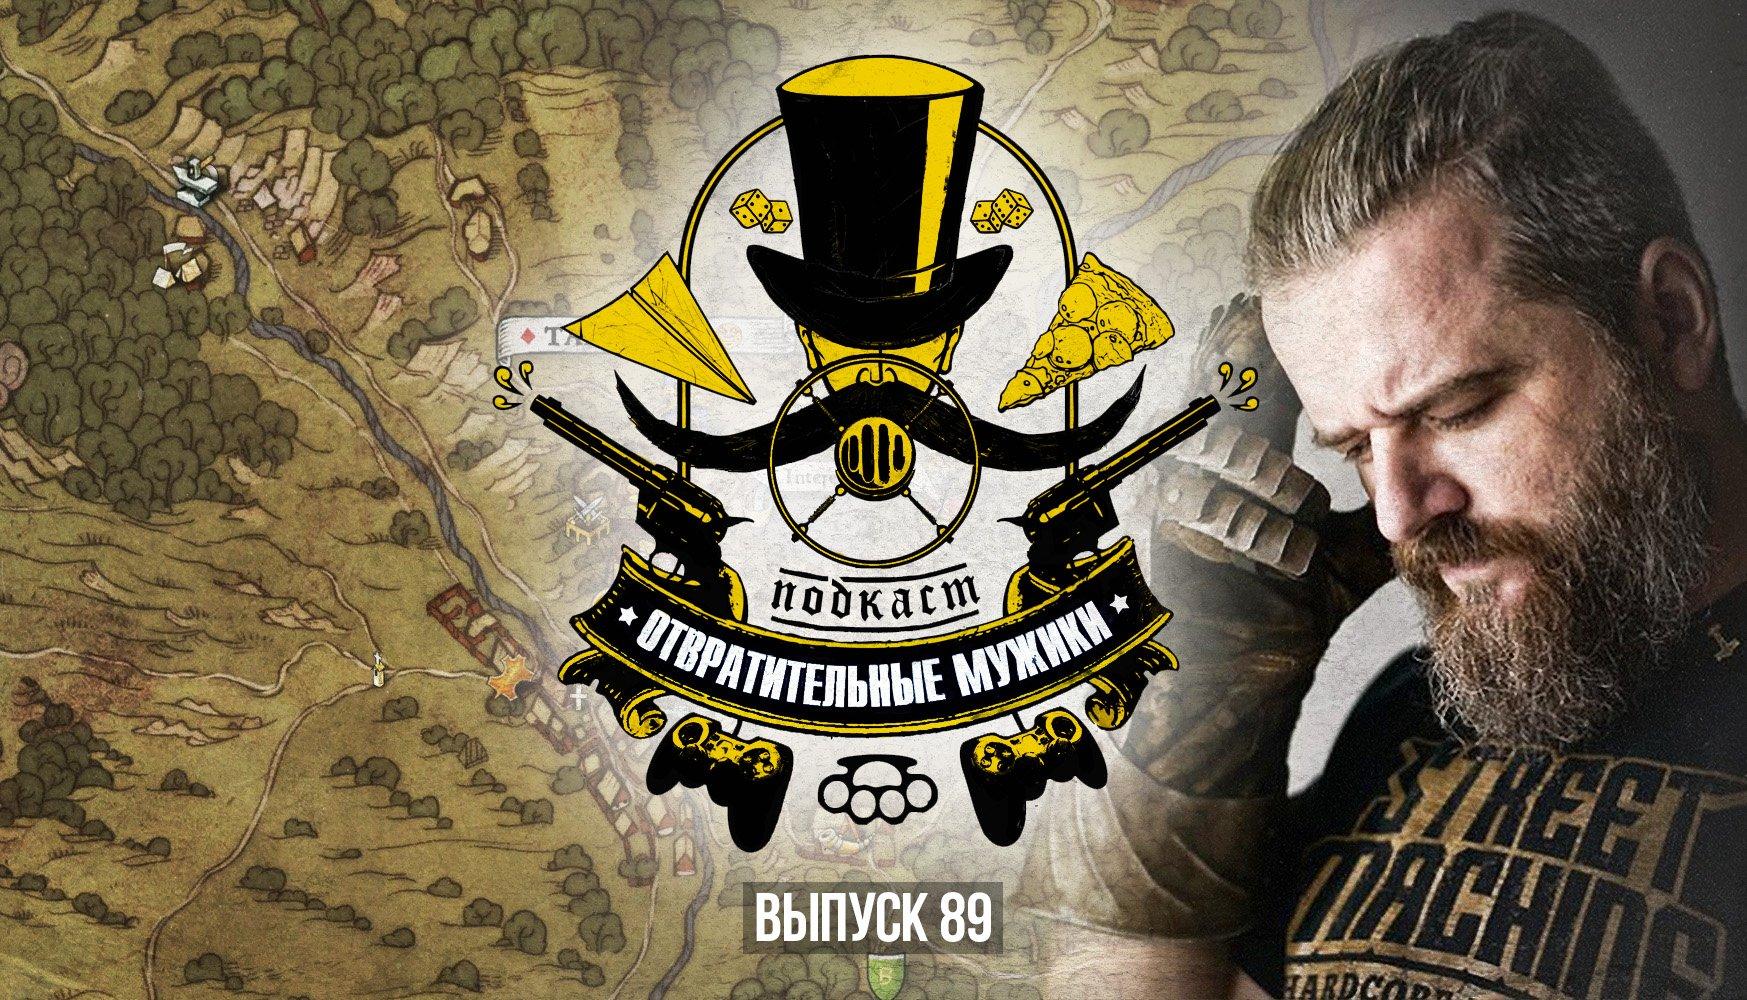 Подкаст Отвратительные мужики Даниэль Вавра Kingdom Come Deliverance Mafia Выпуск 89